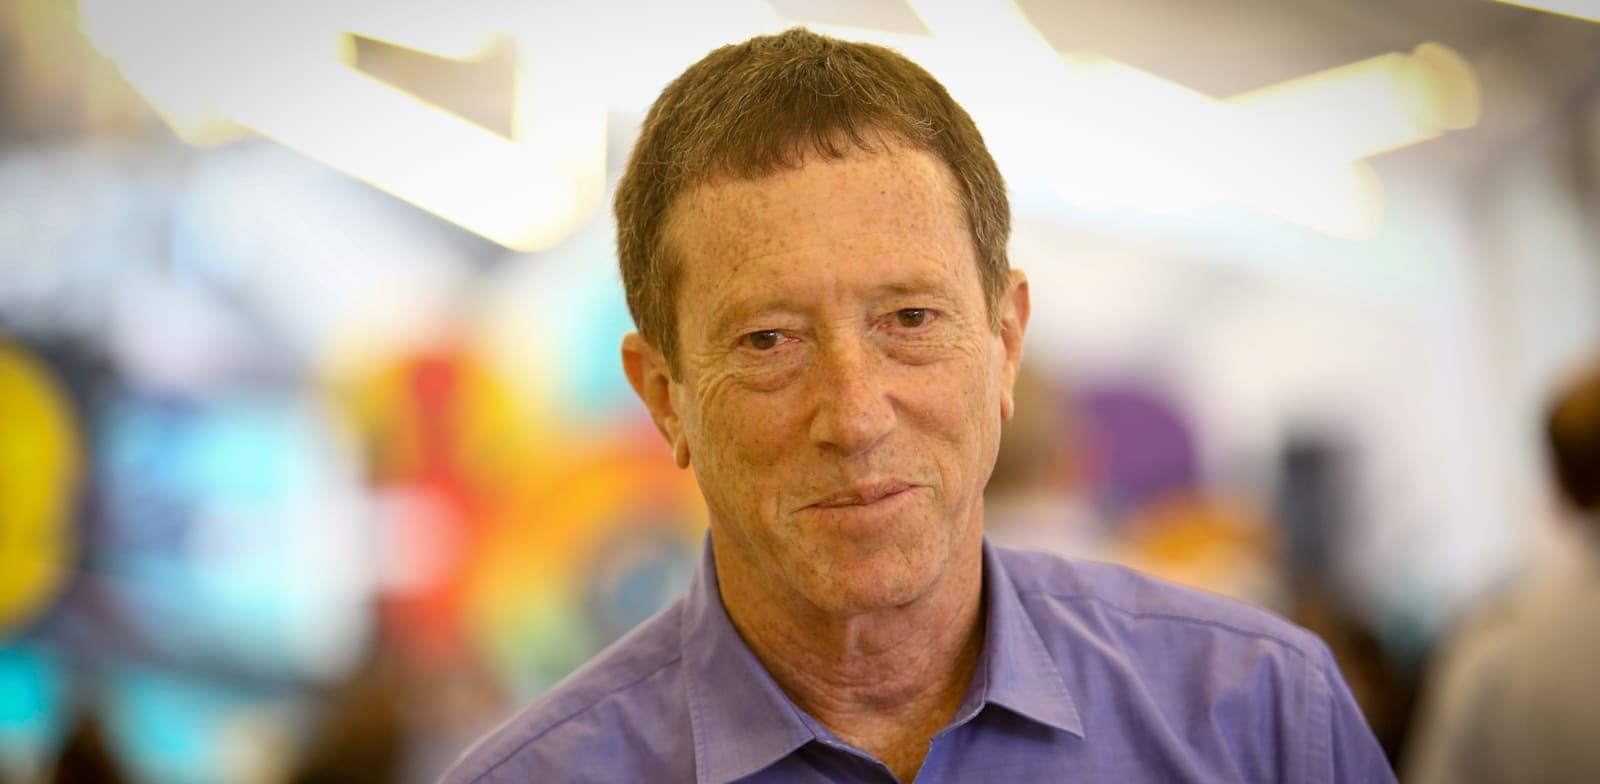 אבי שמחון - ראש המועצה הלאומית לכלכלה / צילום: שלומי יוסף